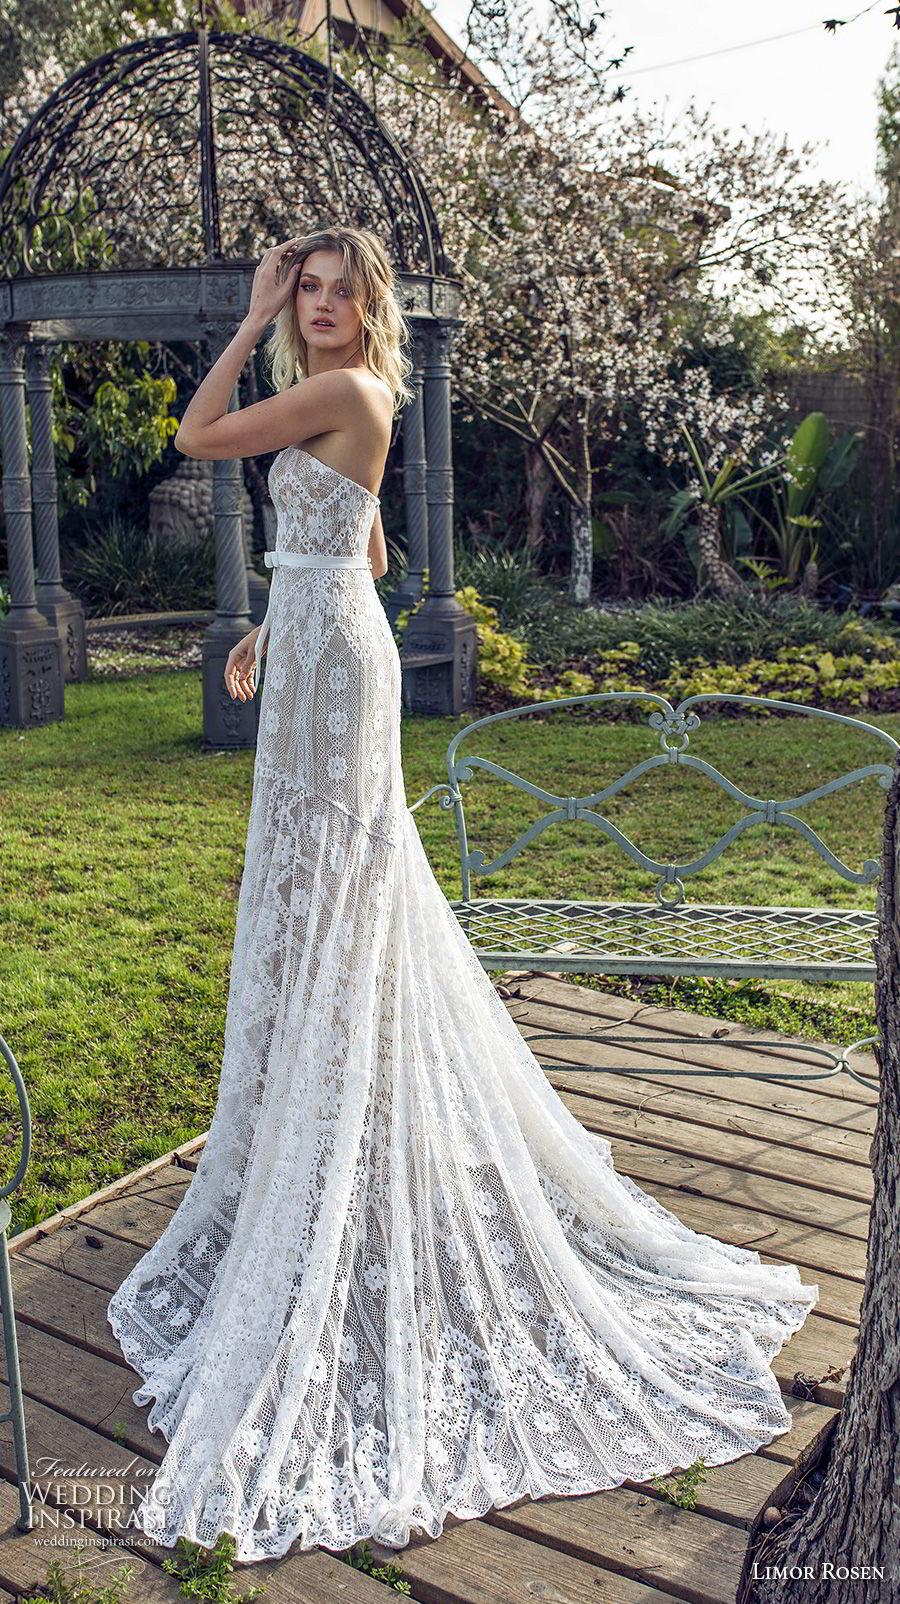 limor rosen 2019 xo bridal strapless sweetheart neckline full embellishment slit skirt romantic trumpet wedding dress chapel train (13) sdv